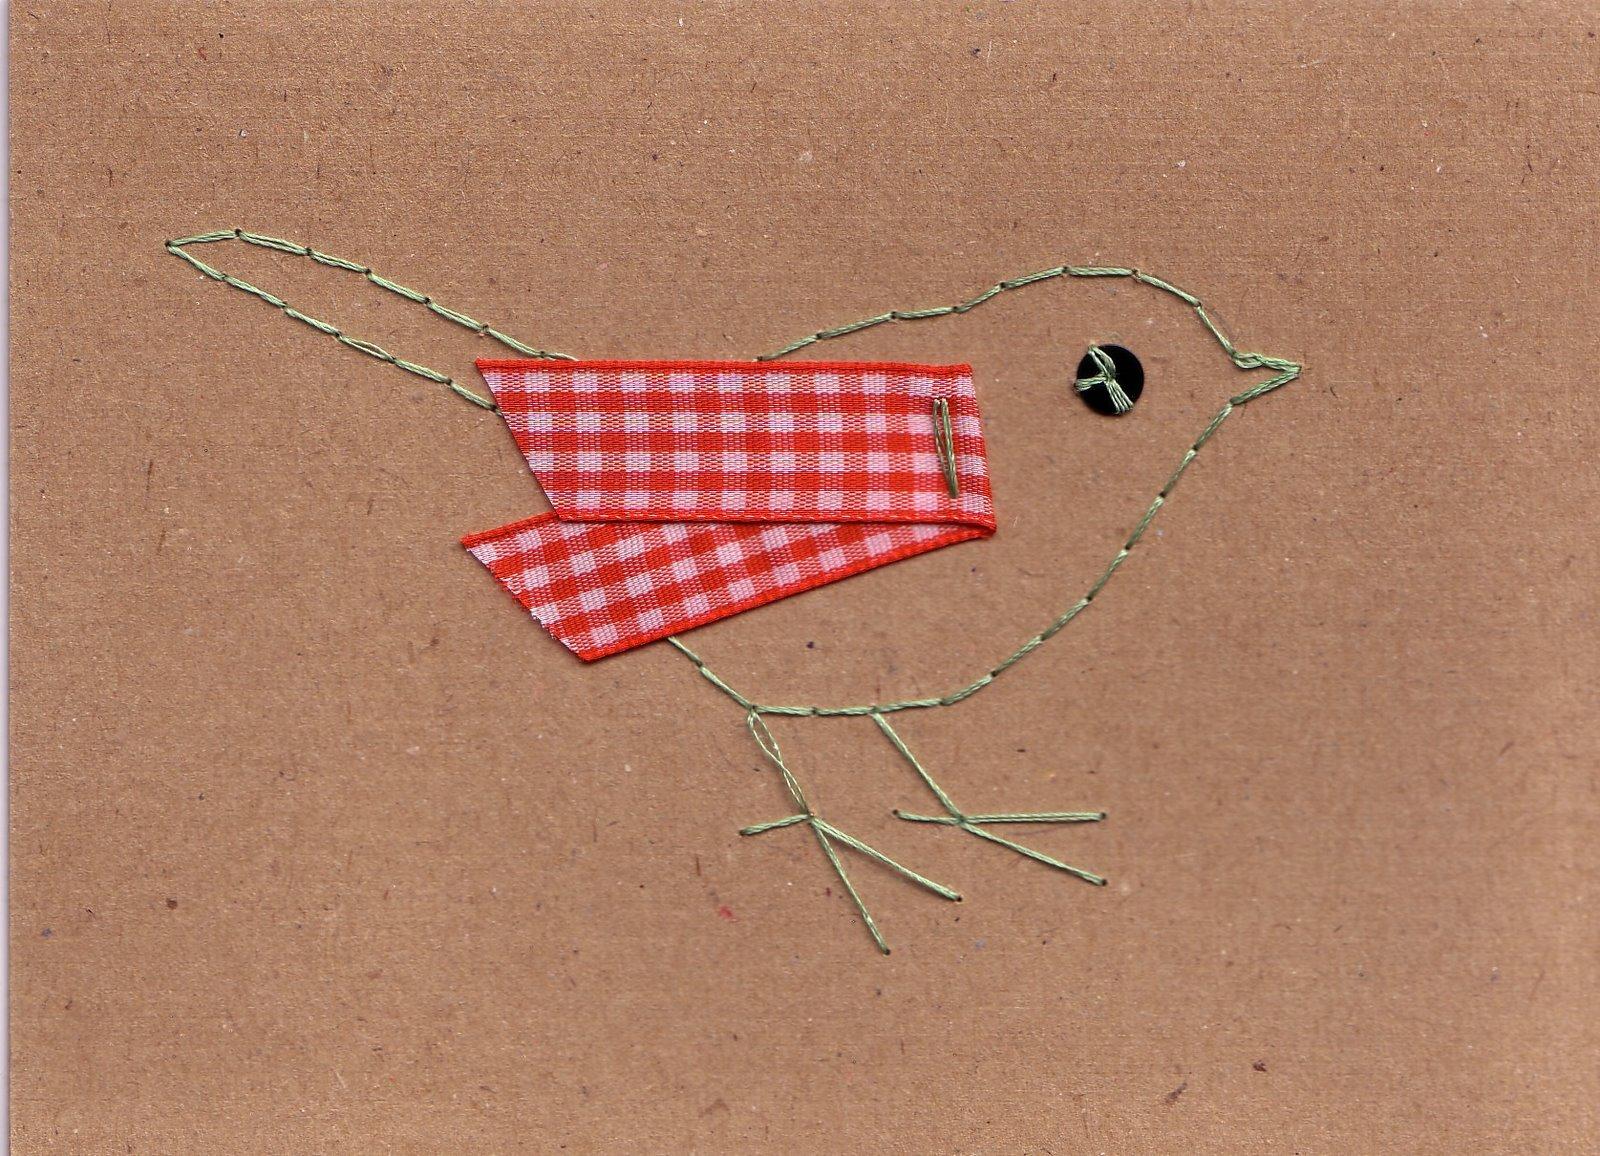 [birdy]